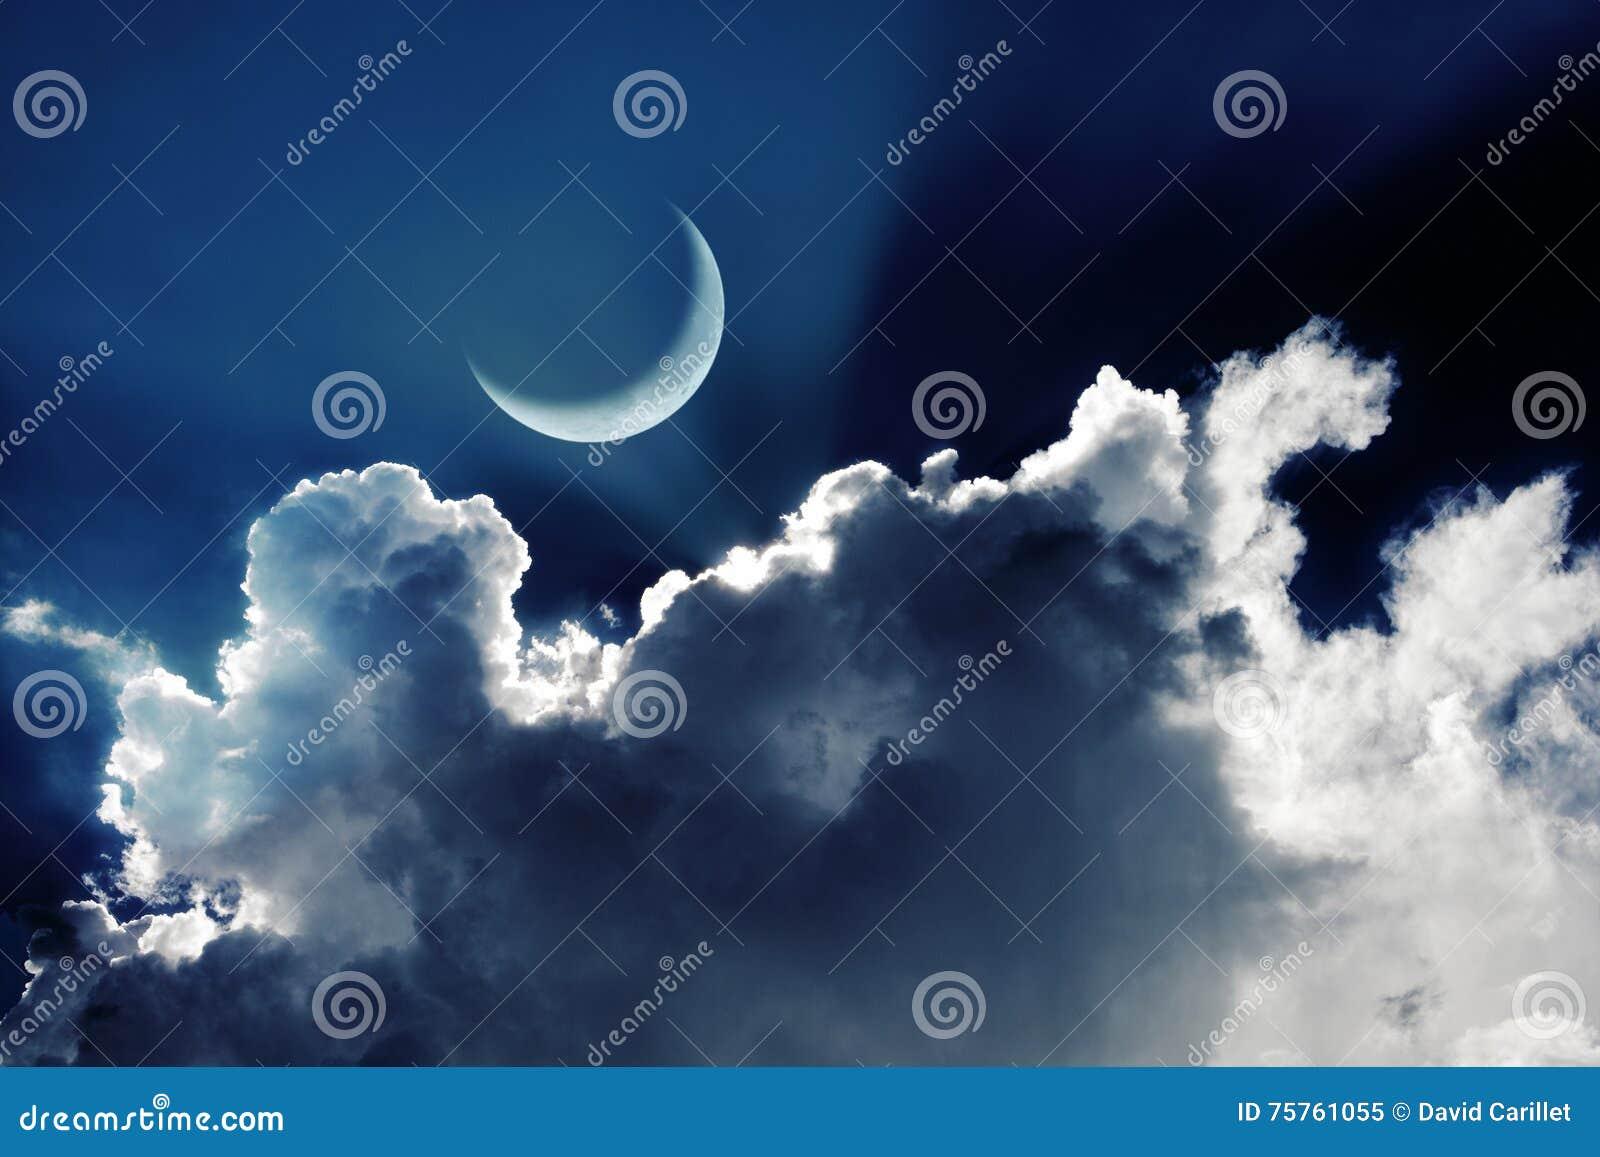 Серповидная луна в красивом ночном небе с накалять заволакивает